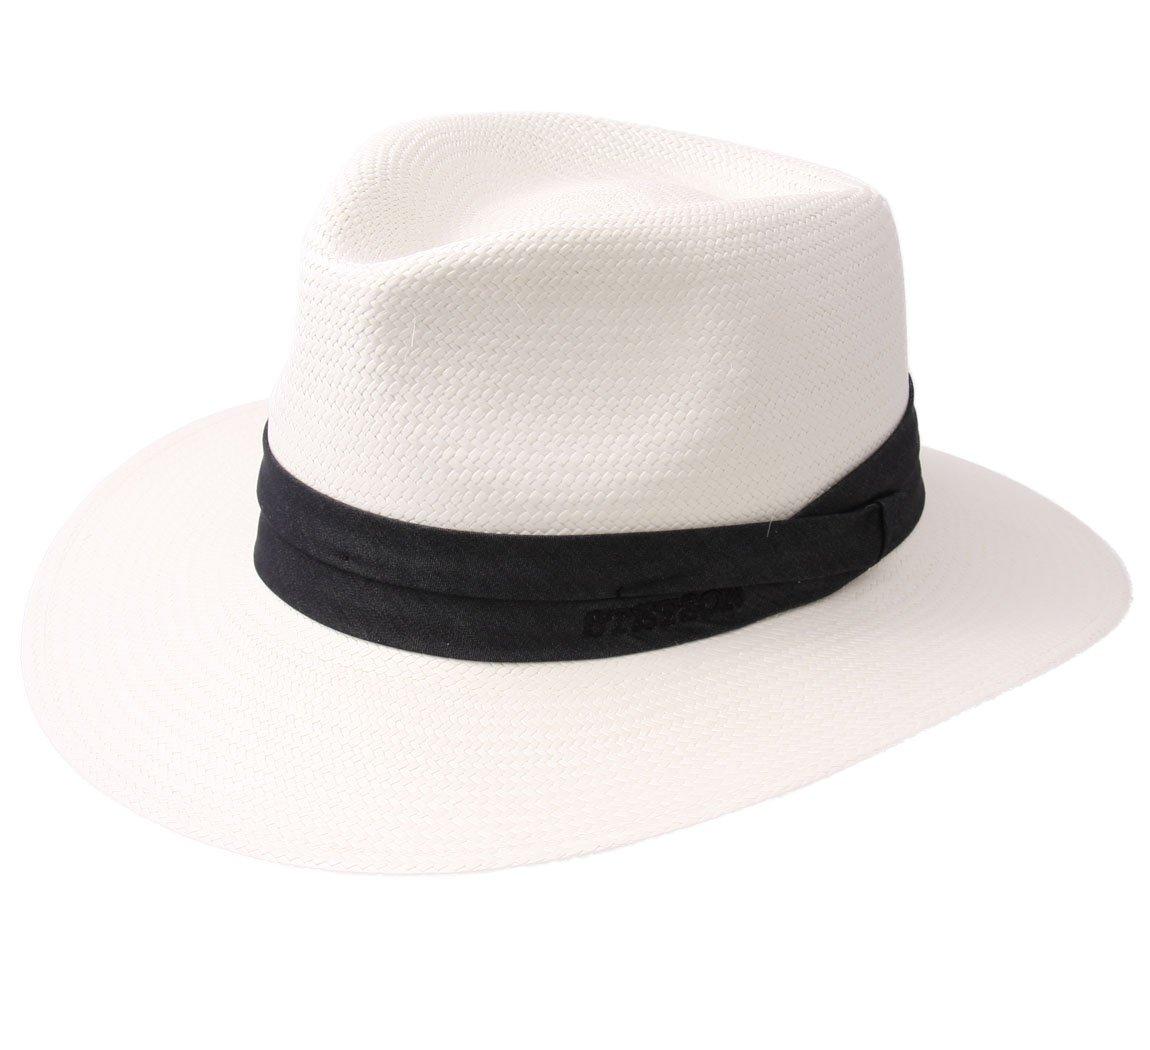 Stetson Jefferson Panama Bleached Fedora Hat Size S